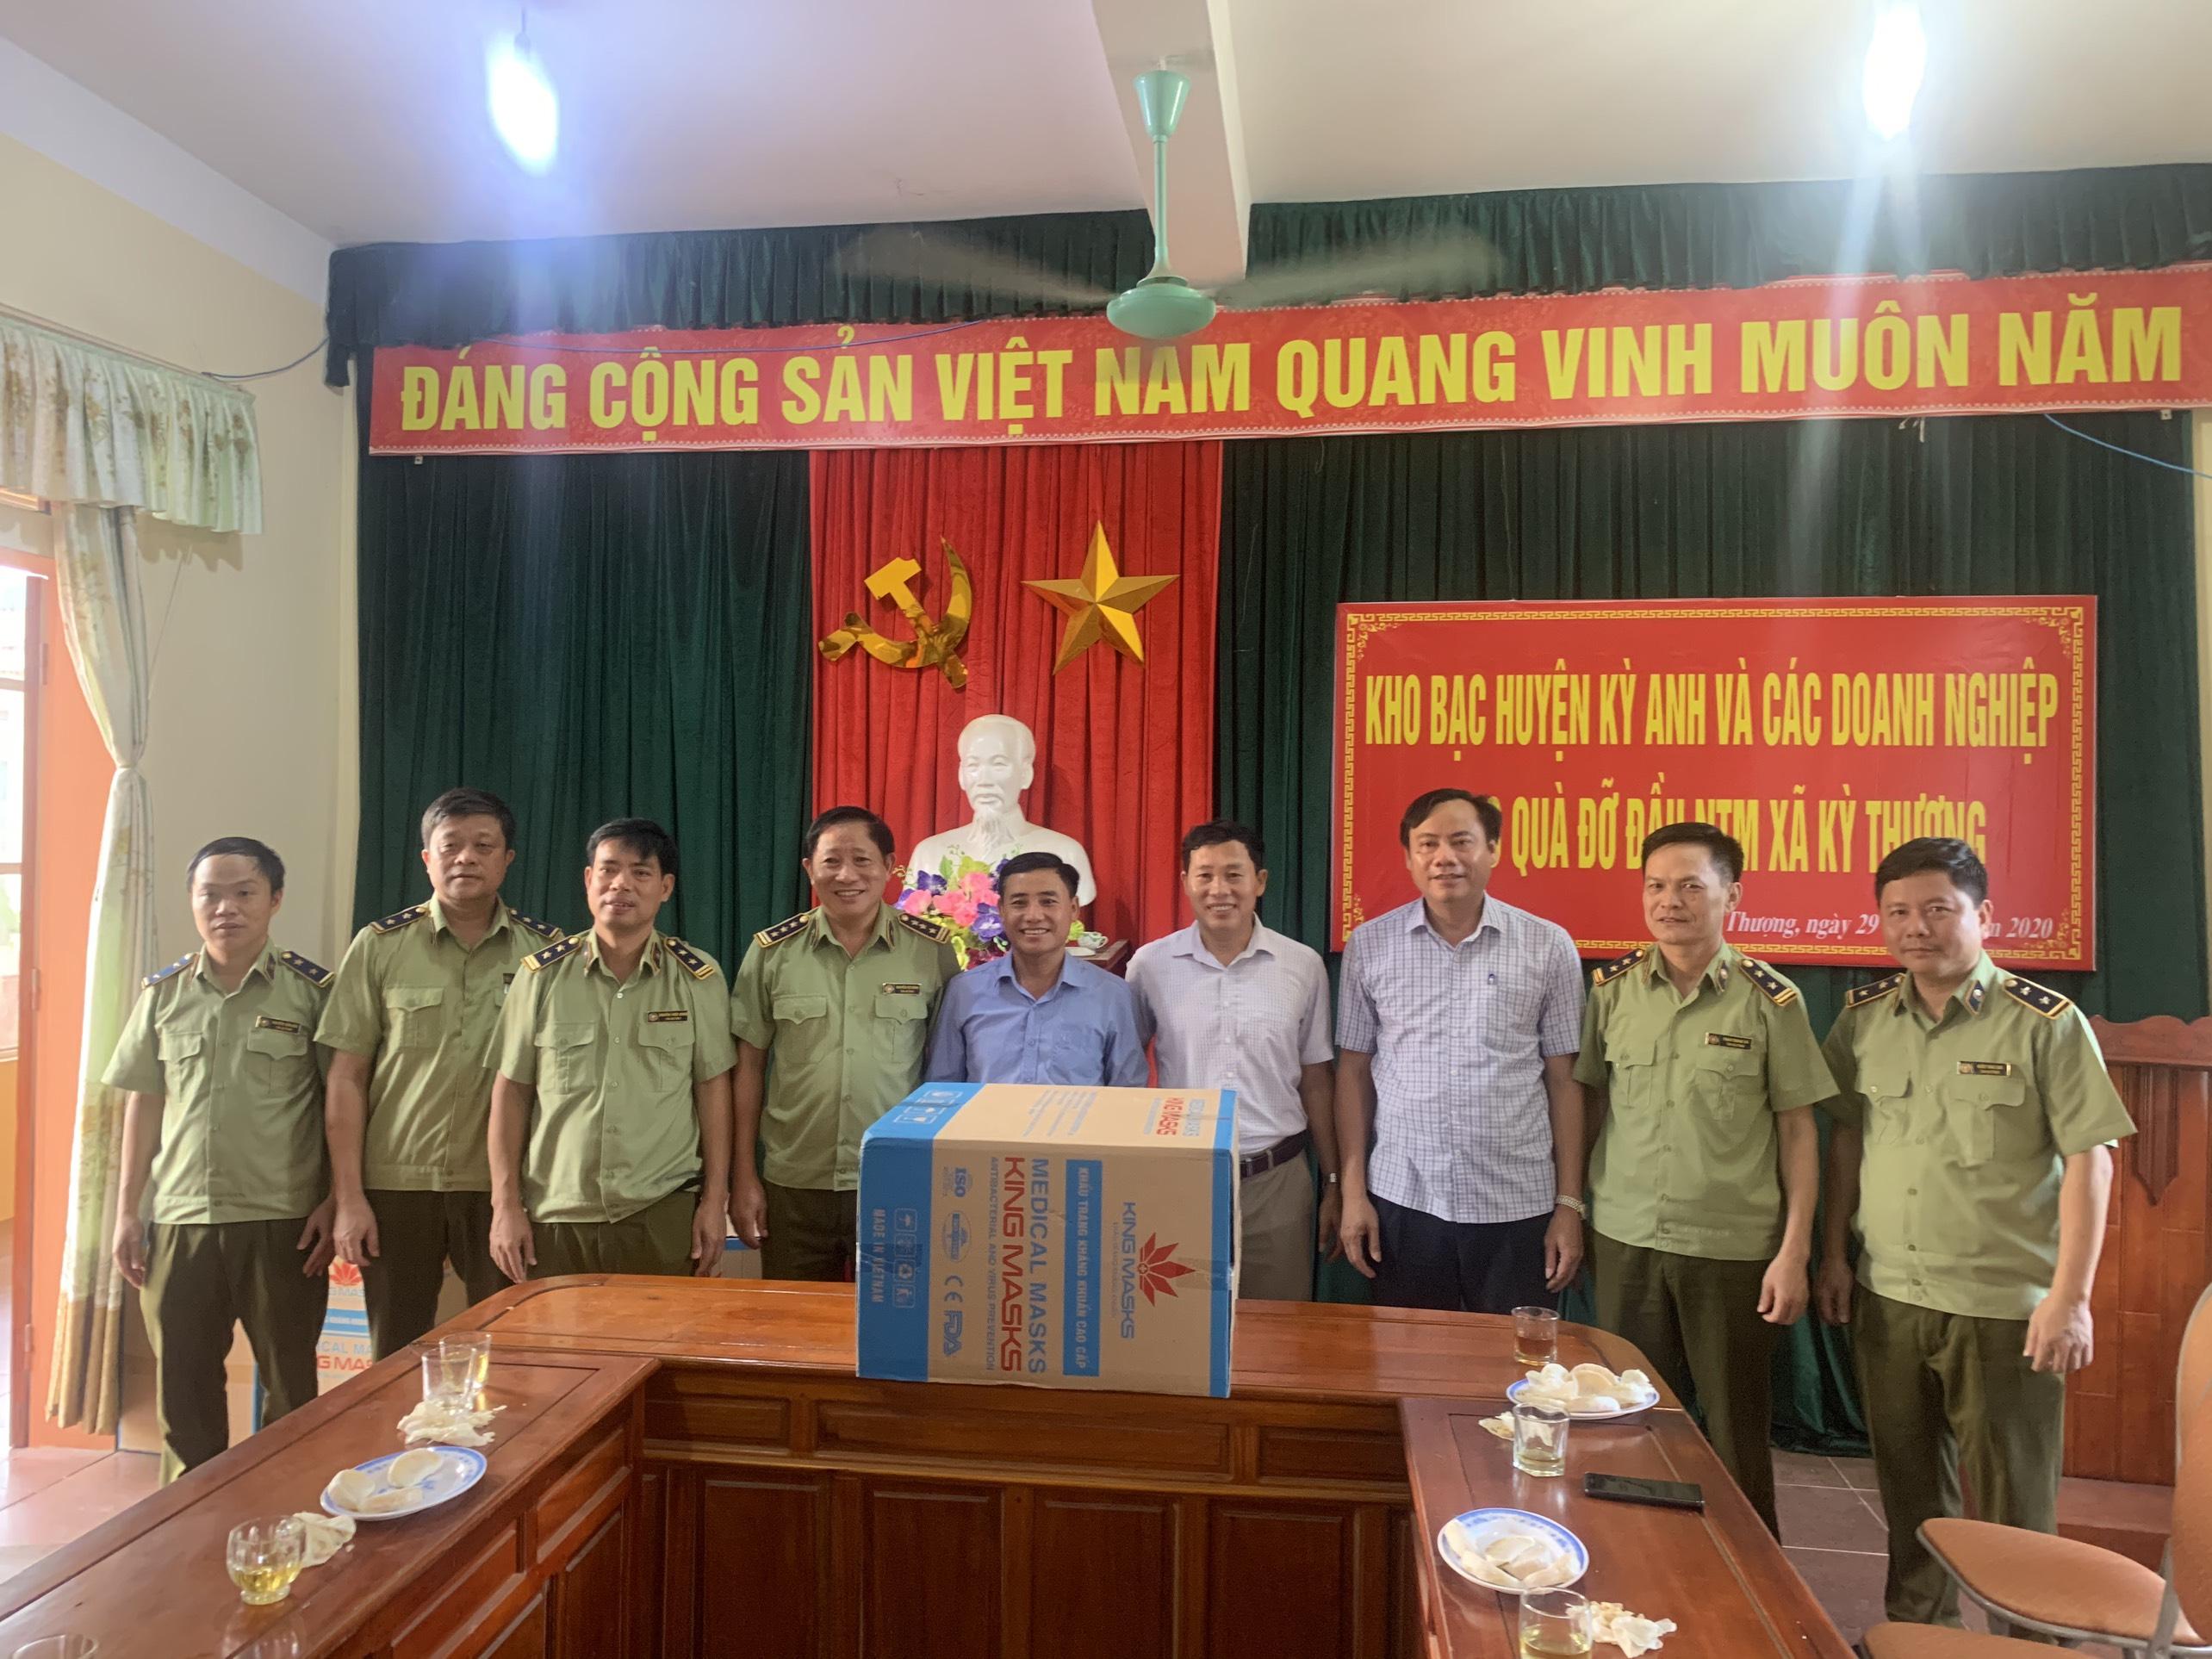 Cục QLTT tỉnh Hà Tĩnh trao quà xây dựng Nông thôn mới cho xã Kỳ Thượng